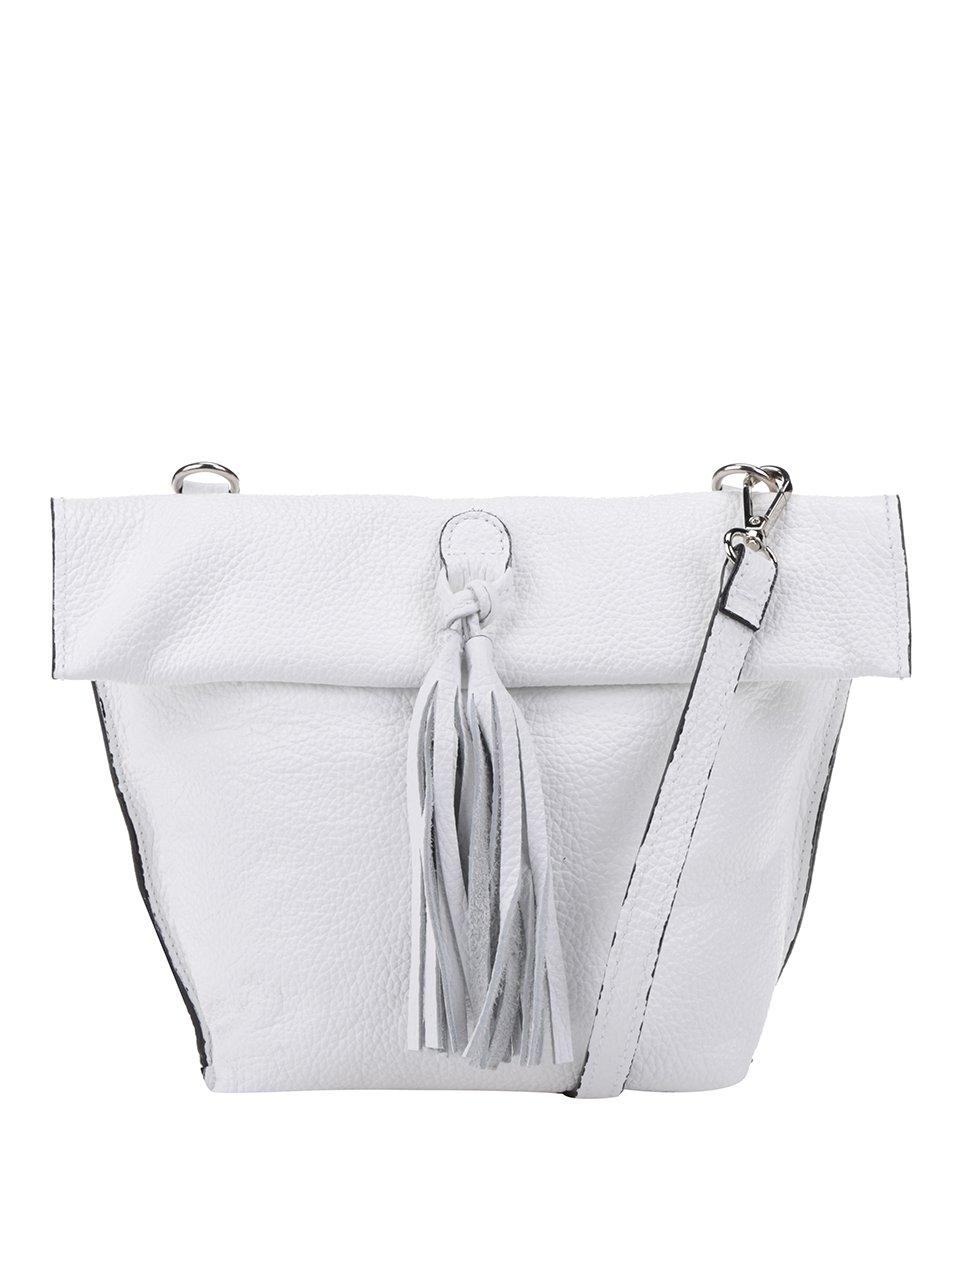 Bílá kožená crossbody kabelka s třásní ZOOT